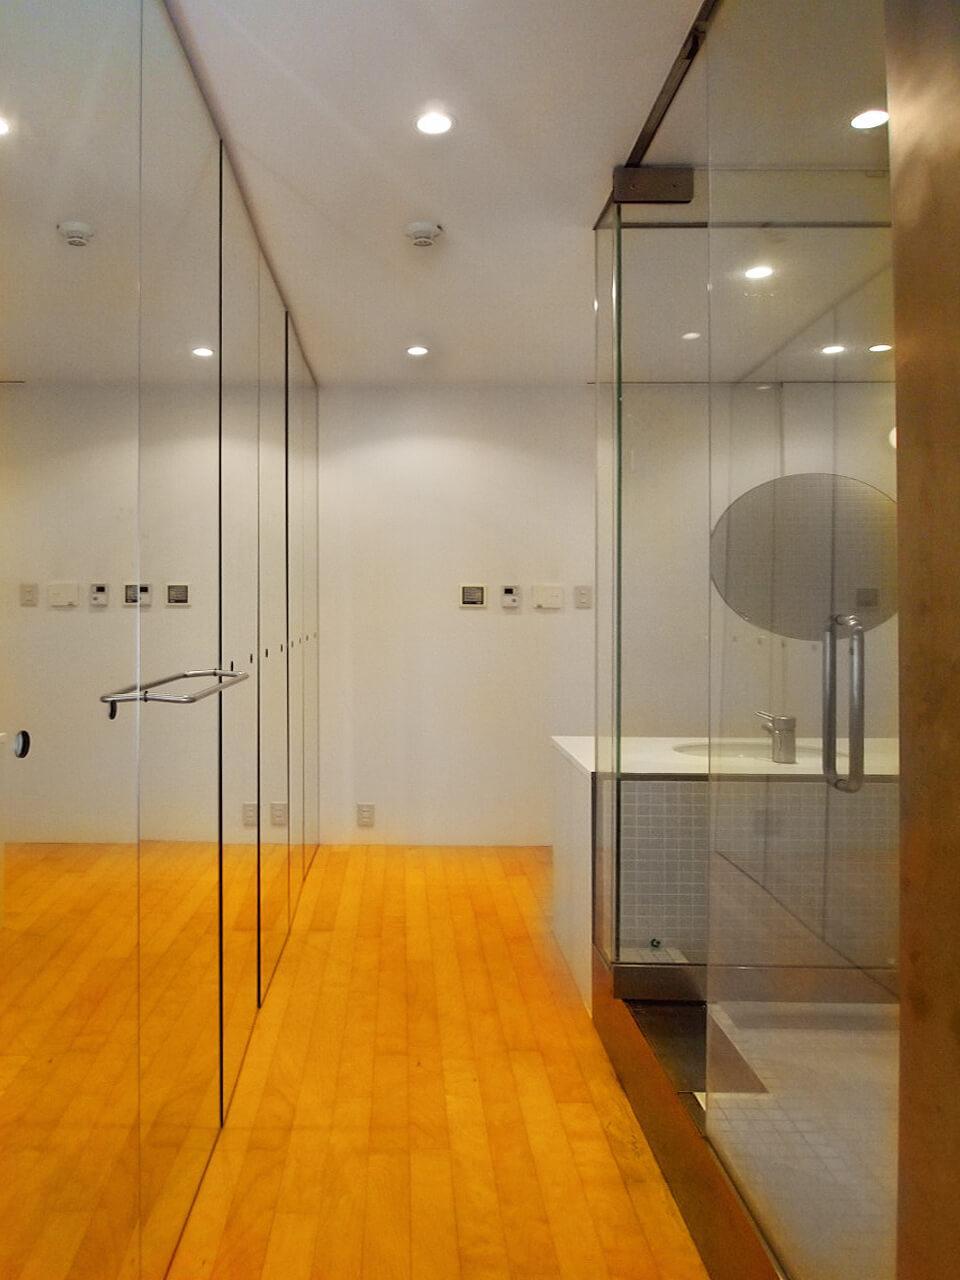 右側がガラス張りの浴室。左側が鏡張りに収納